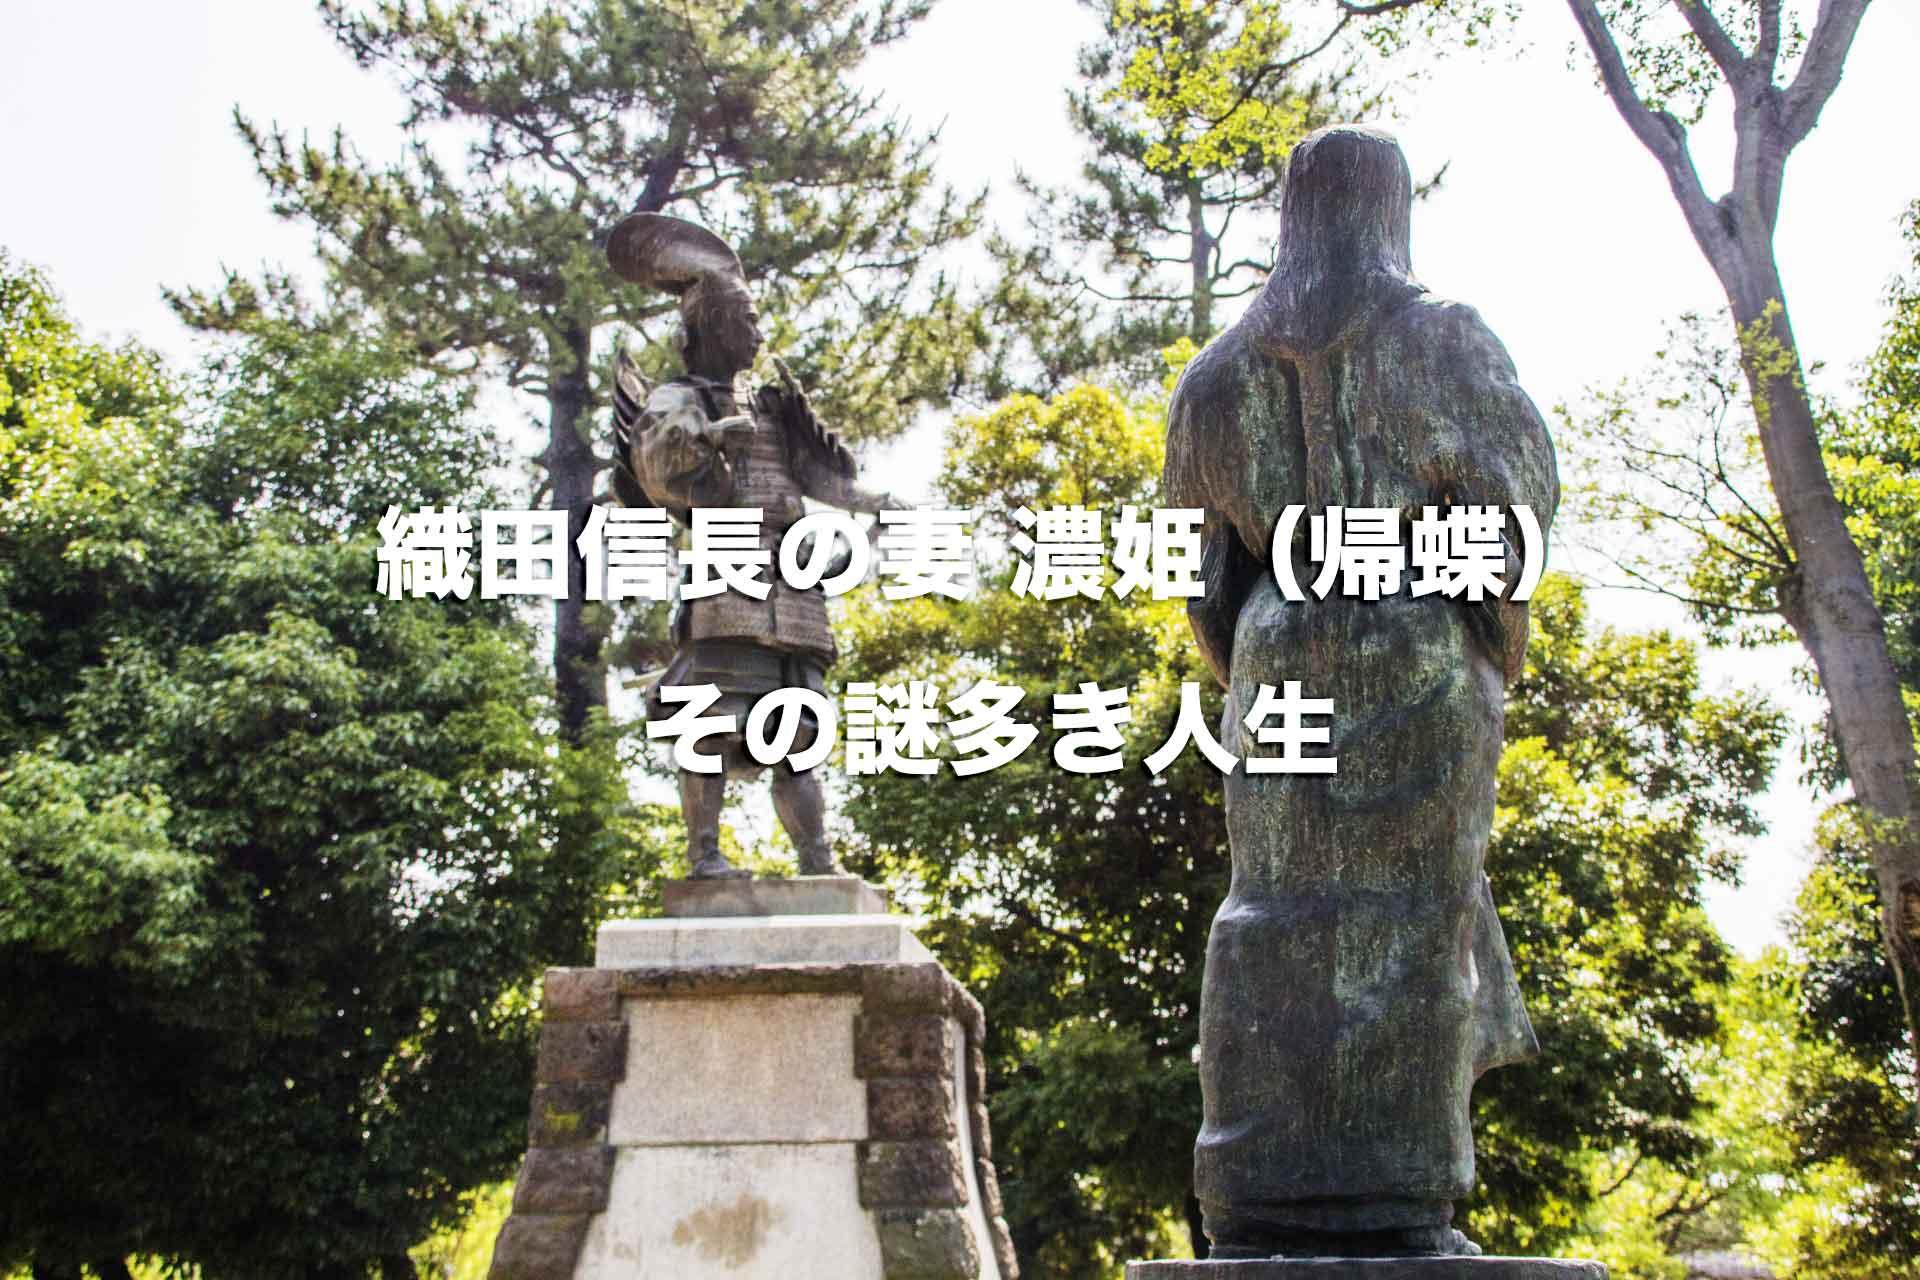 織田信長の妻「濃姫(帰蝶)」の謎多き人生と信長との関係性